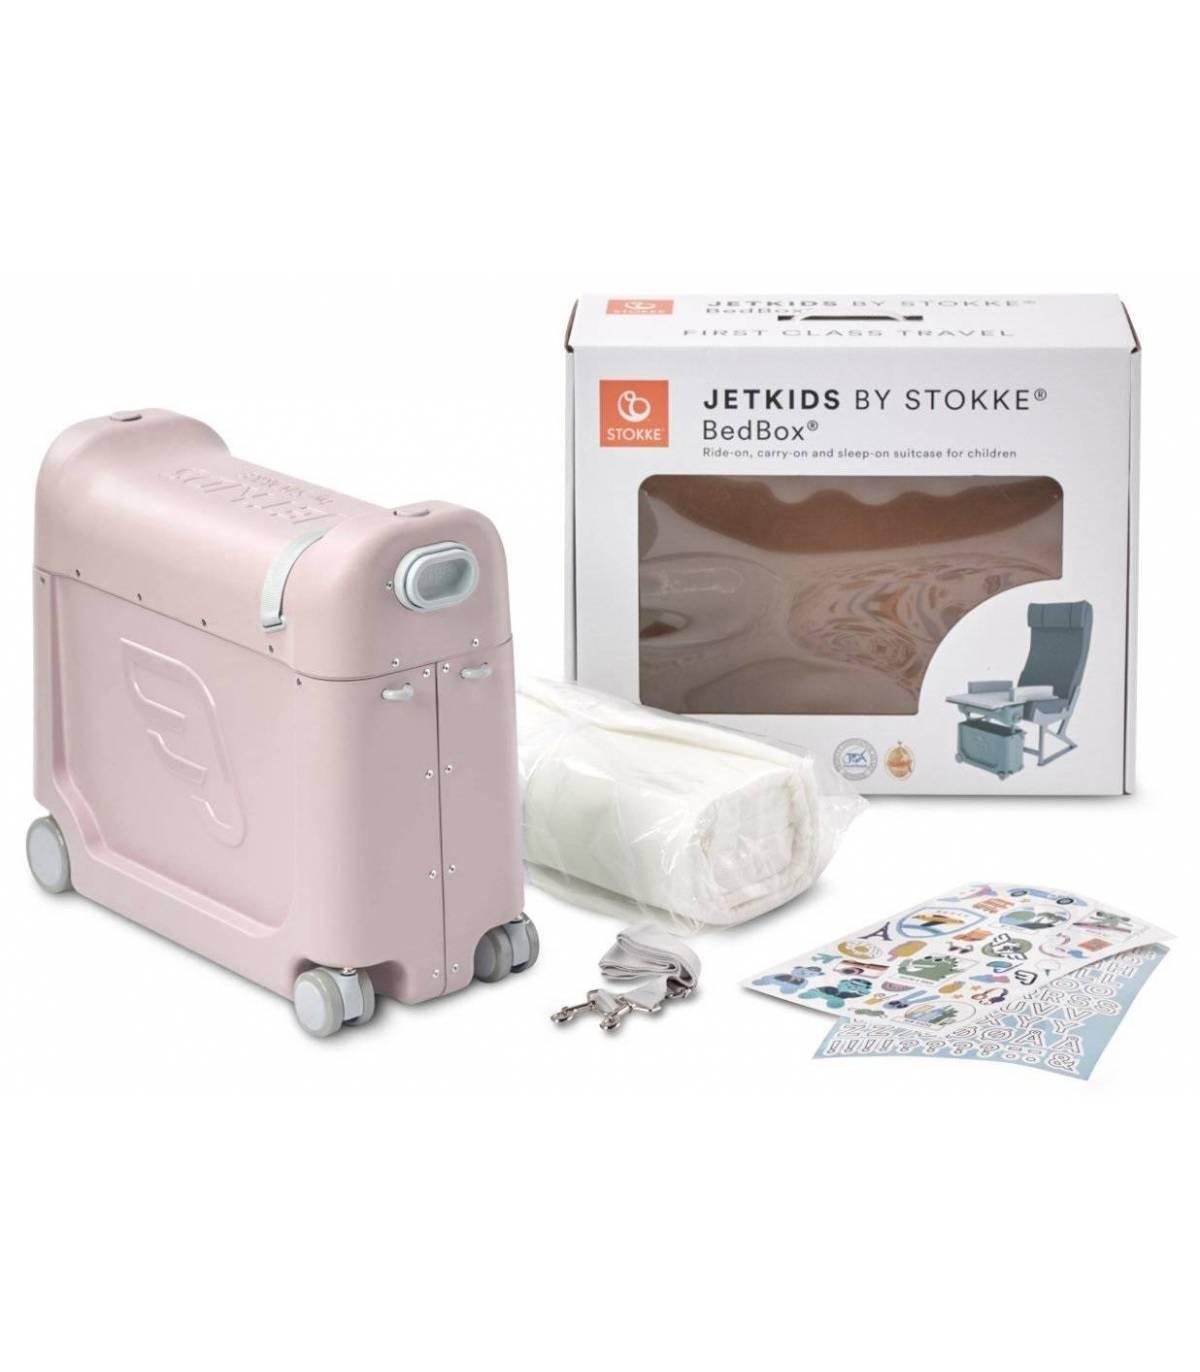 Stokke JetKids Bedbox Pink (Kinder-Koffer verwandelbar in Flugbett)